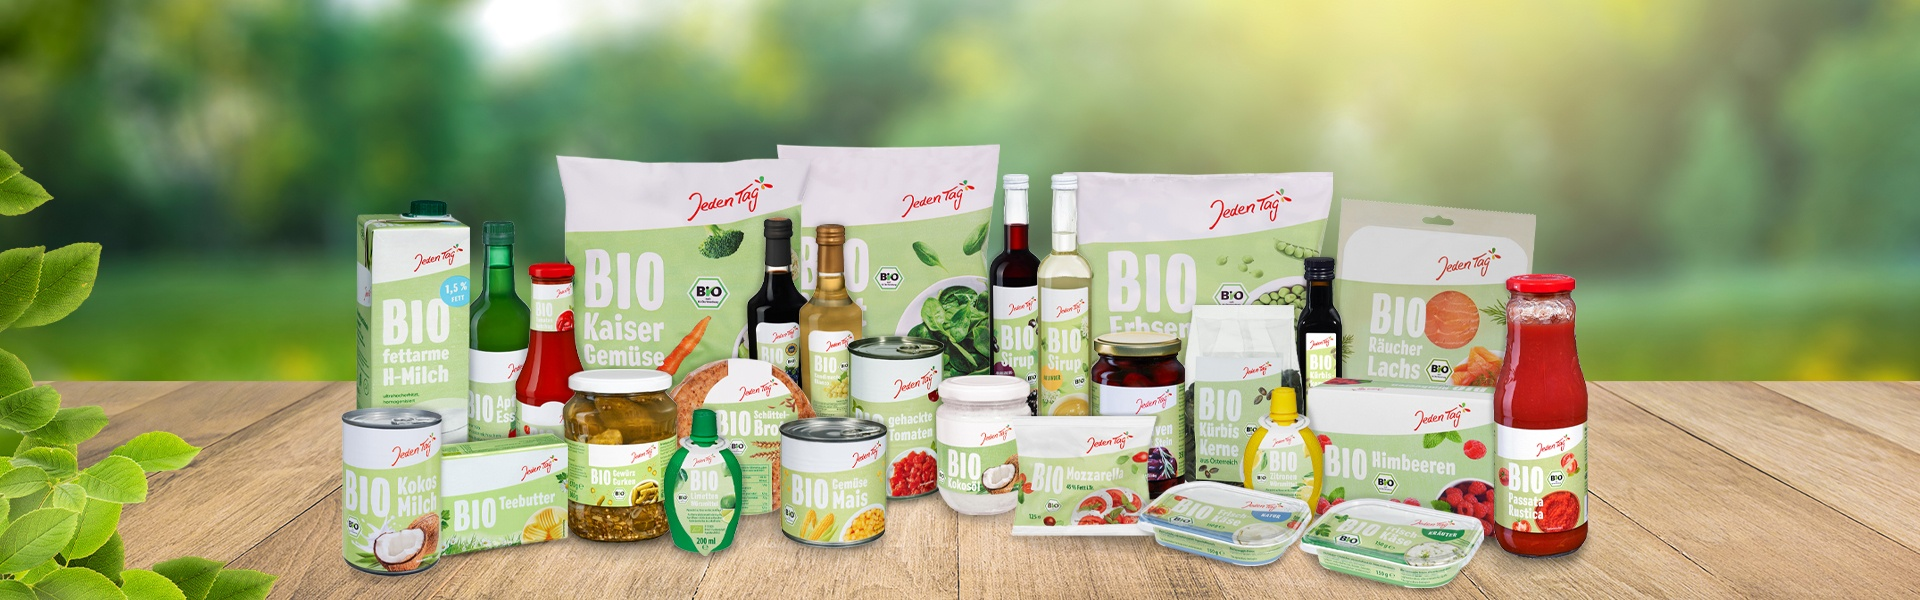 Jeden Tag Bio Produkte